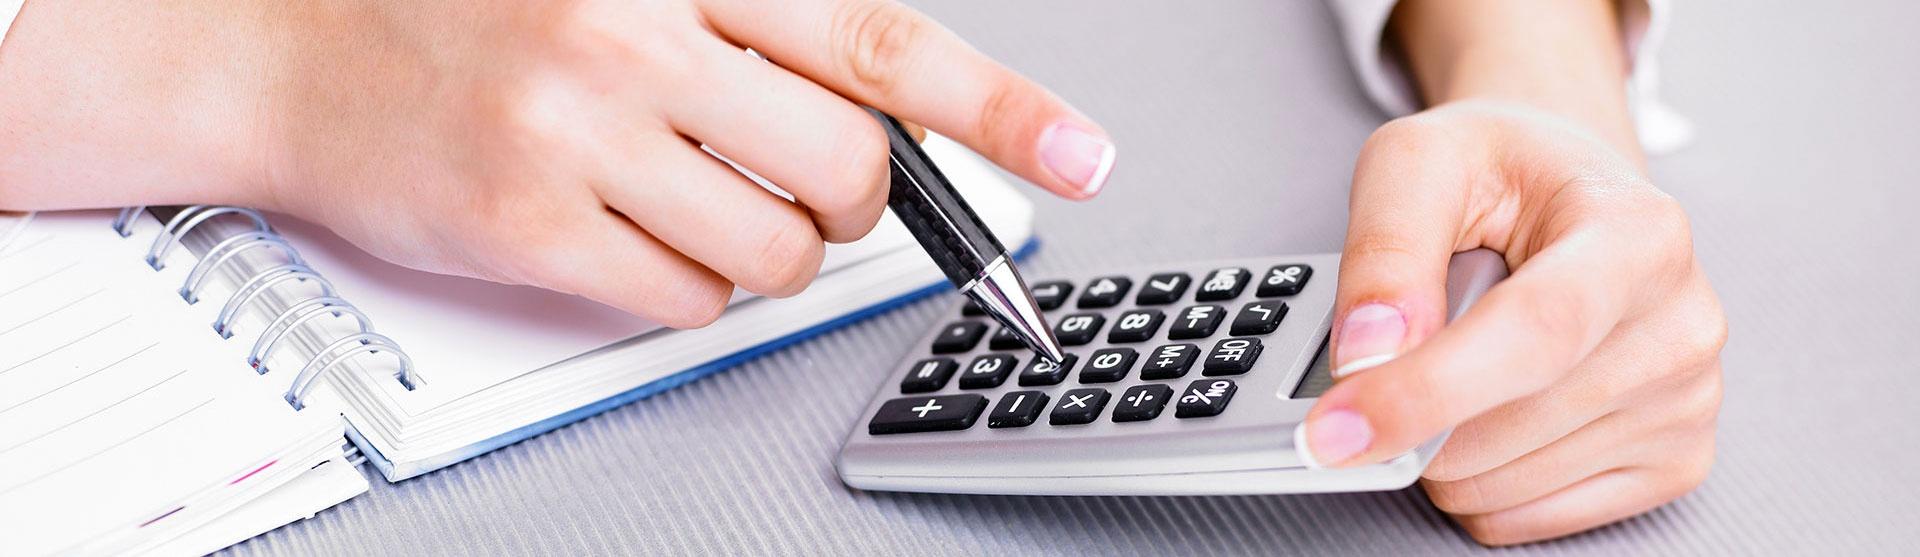 Účetnictví Semily